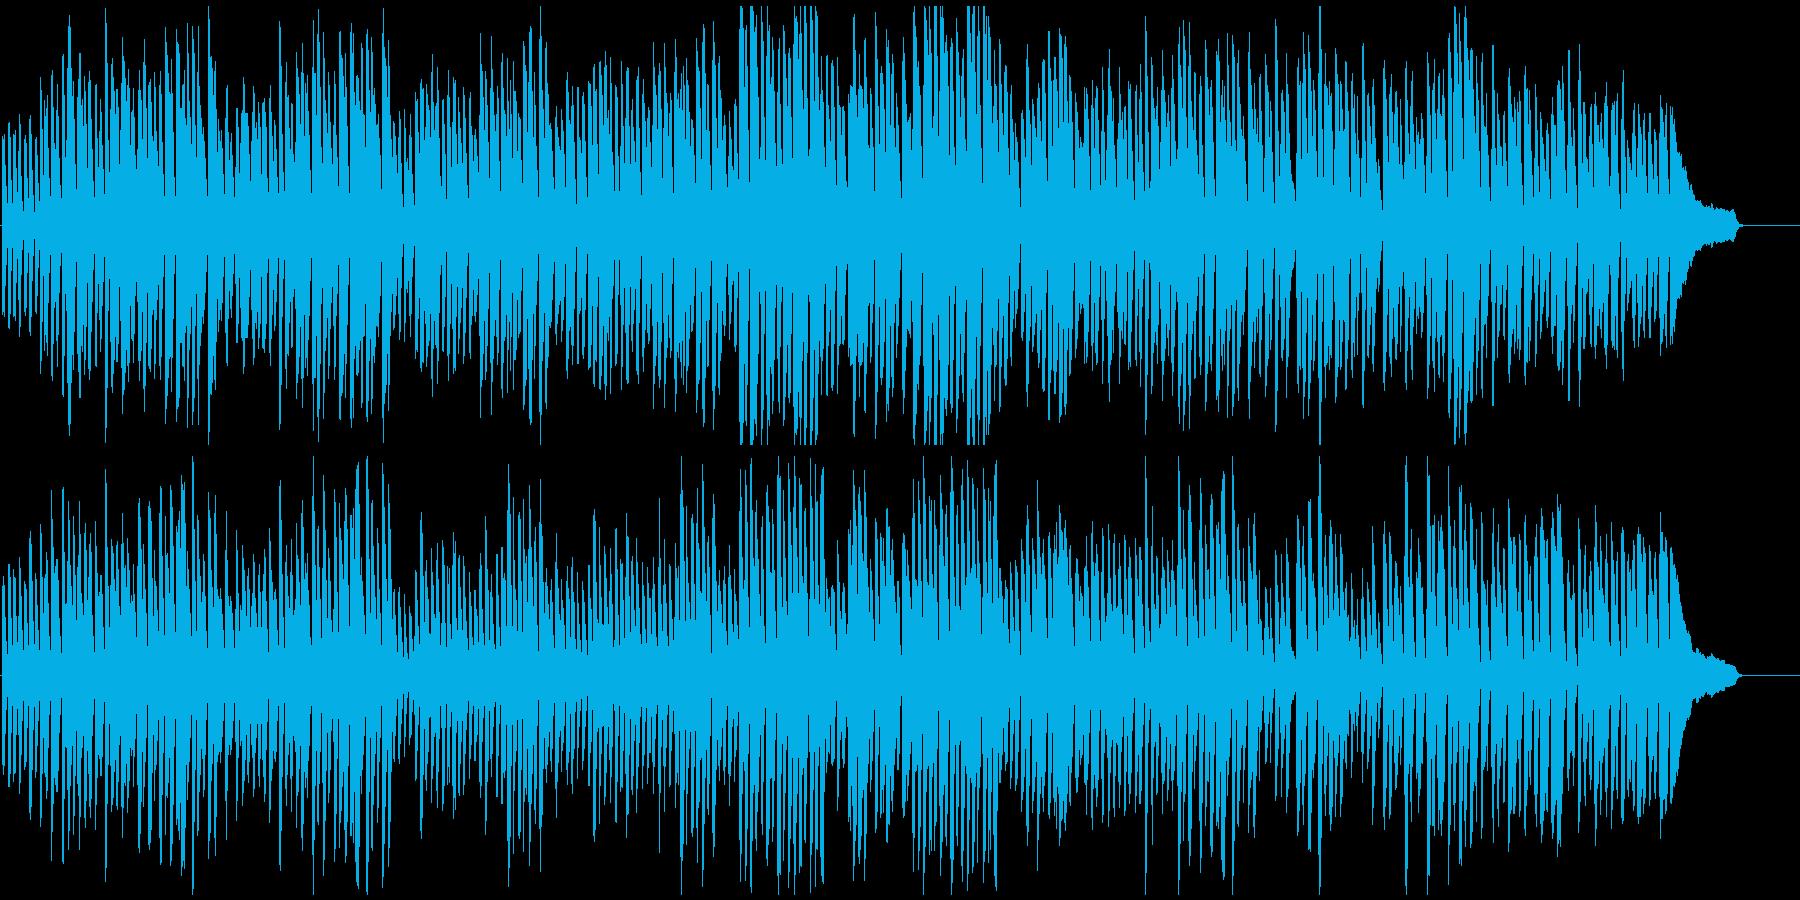 ピアノ名曲楽興の時 上品なダンス音楽の再生済みの波形